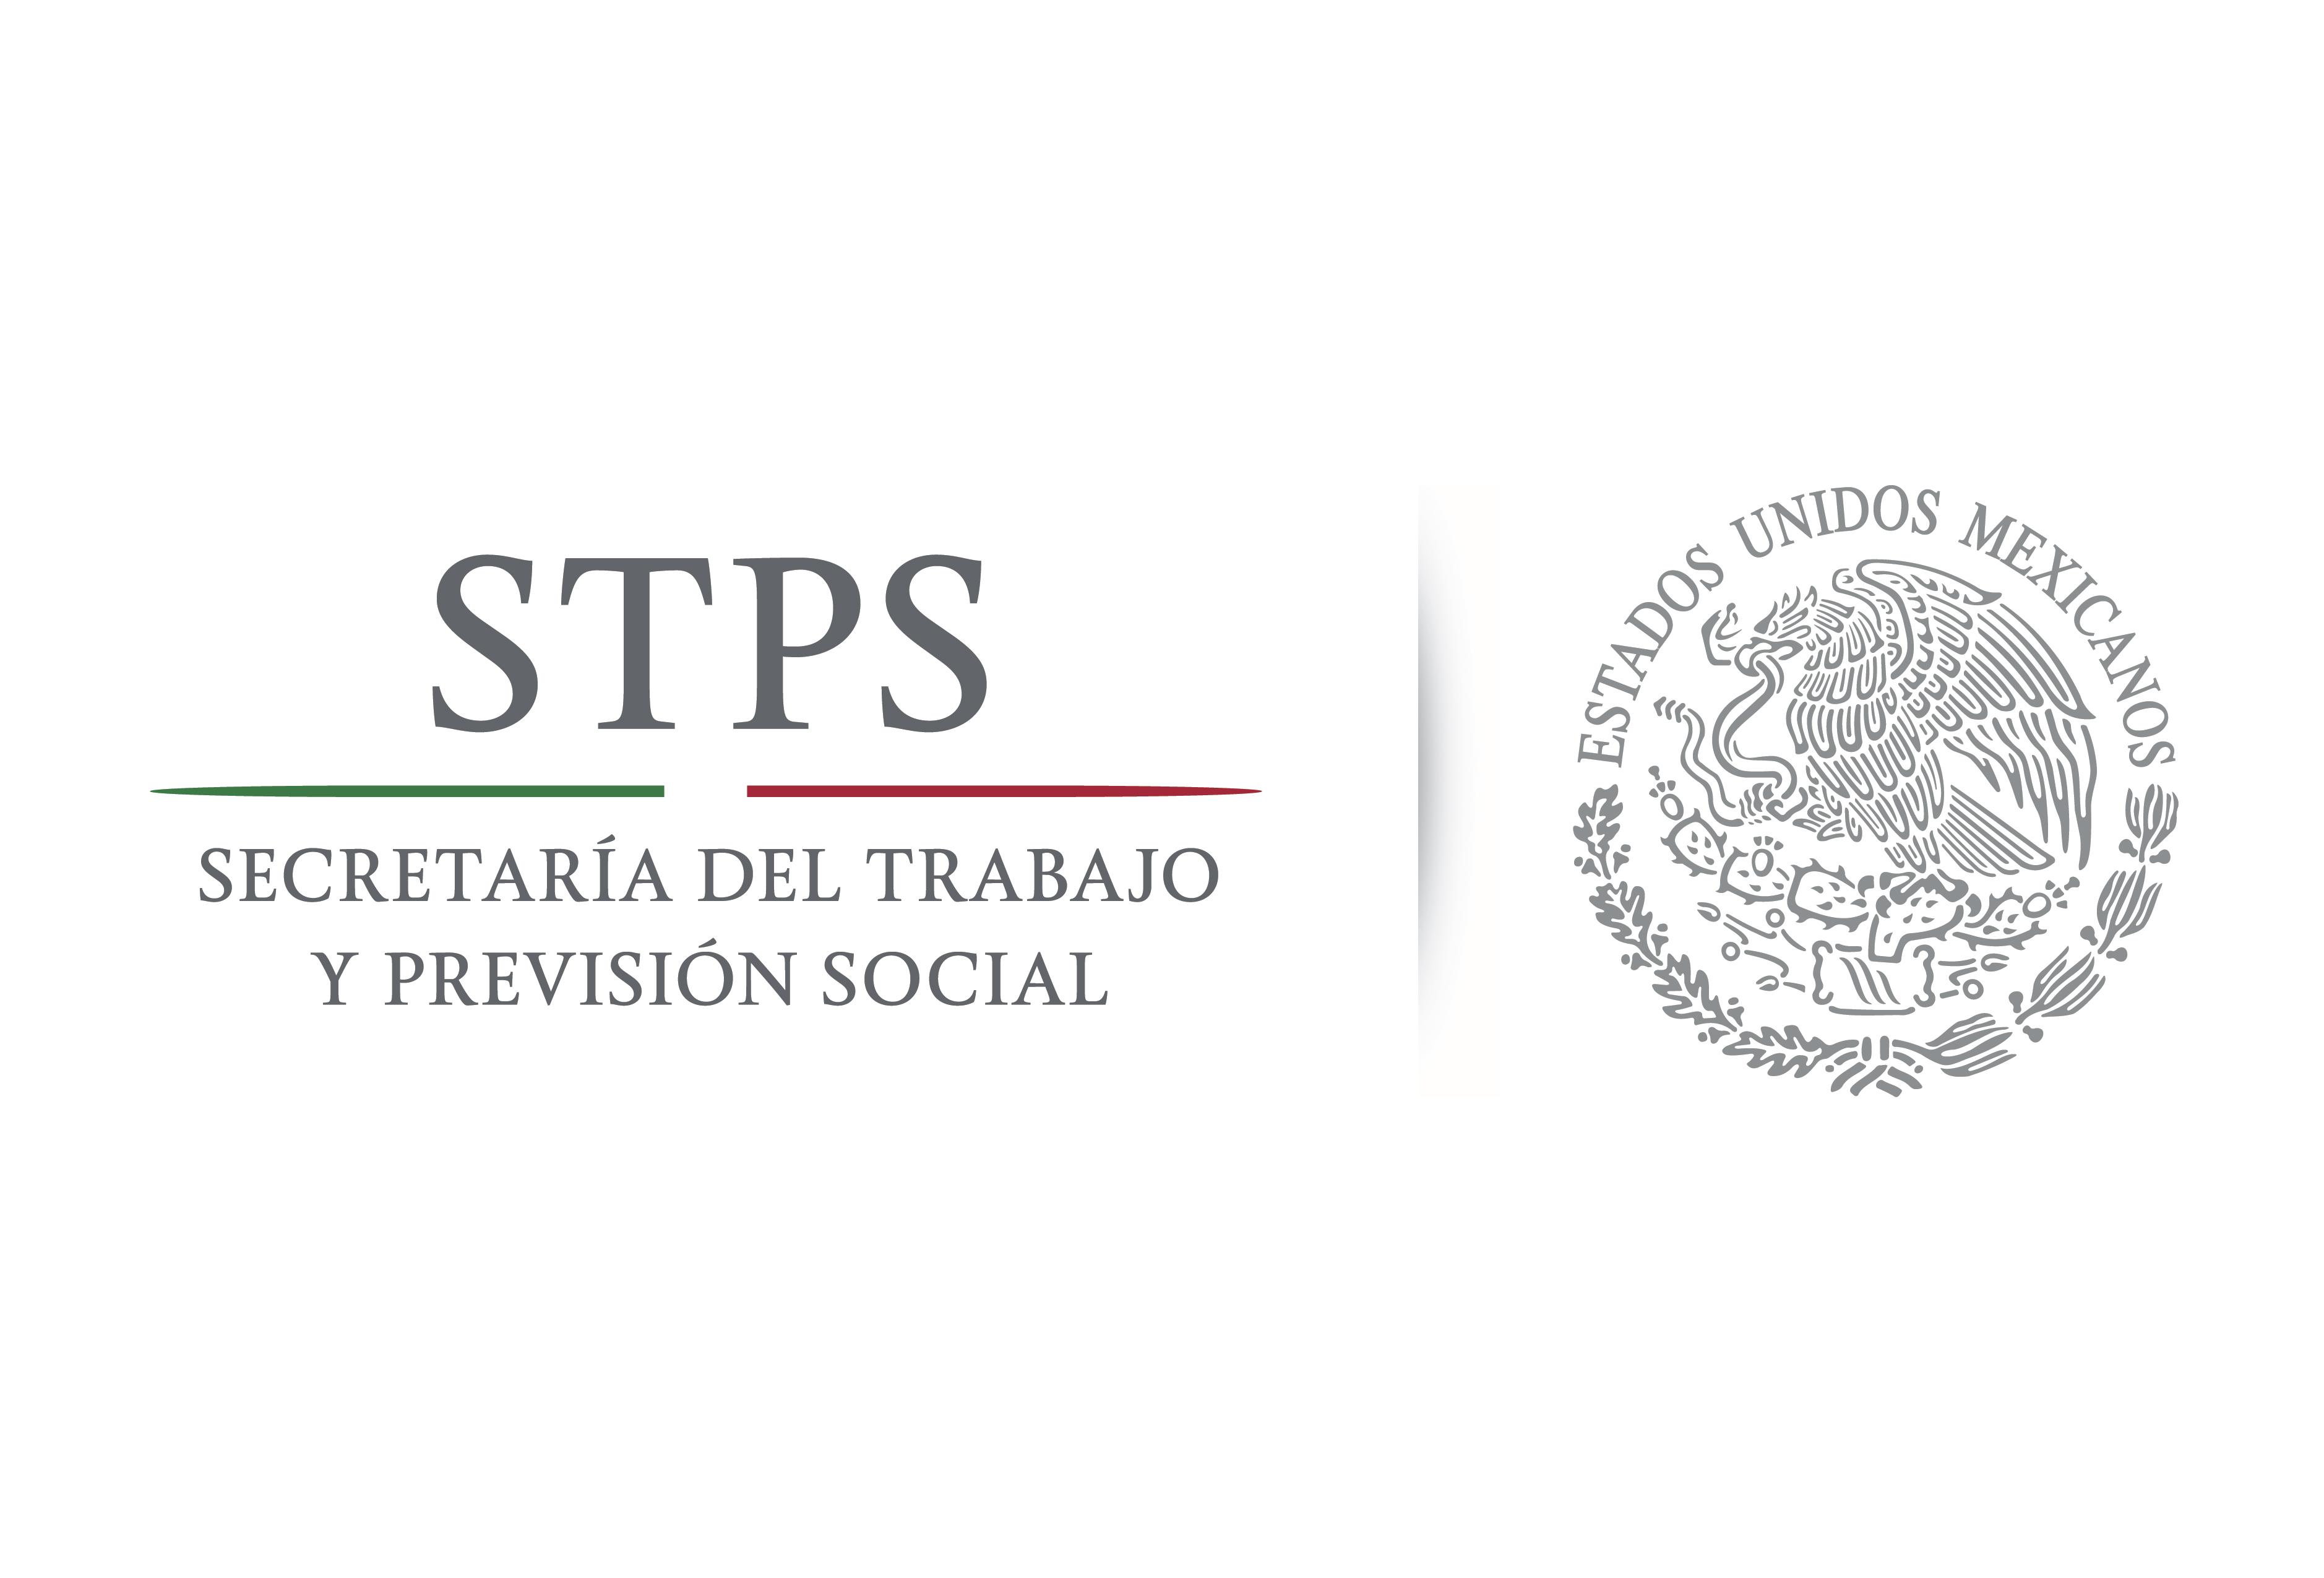 Gobierno de la República abierto a propuestas de modificación en materia de justicia laboral derivadas del Foro de Consulta público realizado.